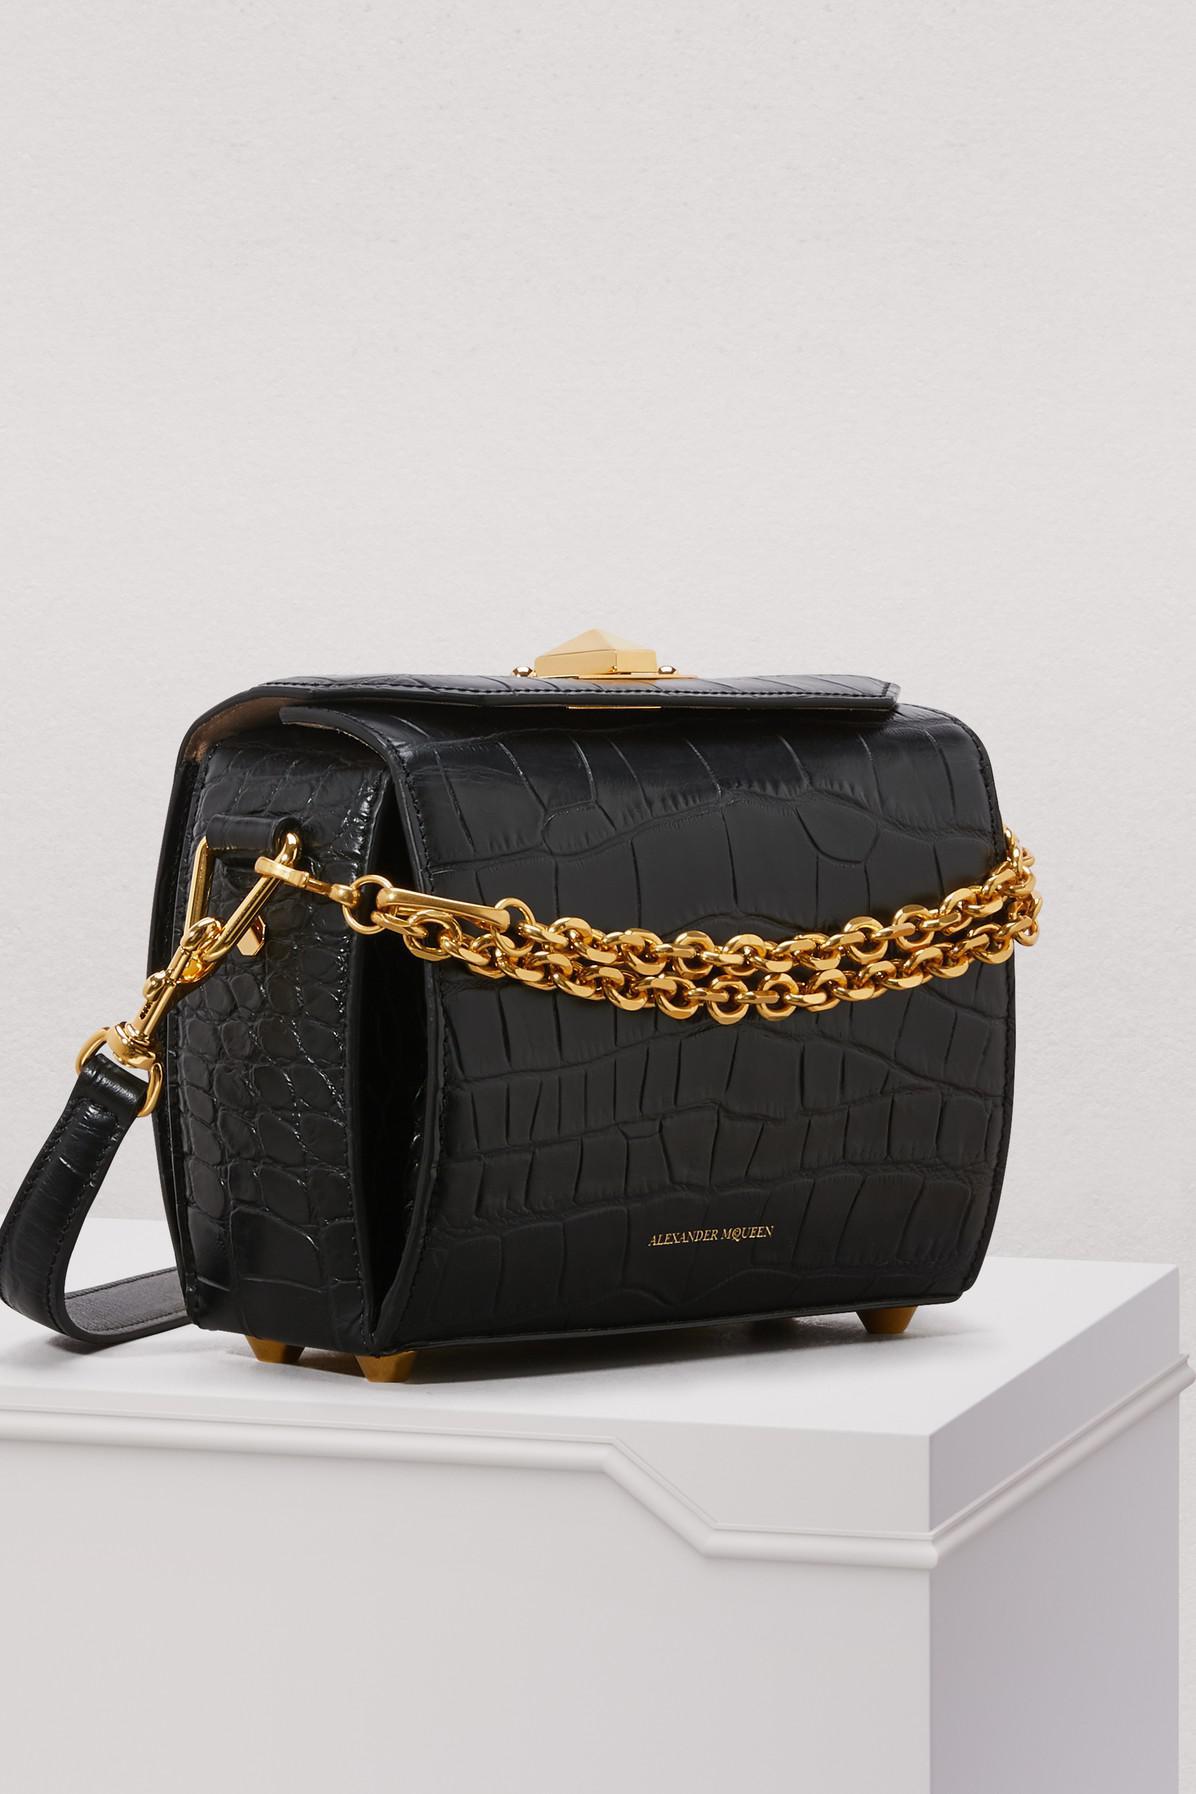 Alexander McQueen - Black Sac porté épaule en cuir effet croco Box Bag 16 -  Lyst. Afficher en plein écran 3d1a843fcbb